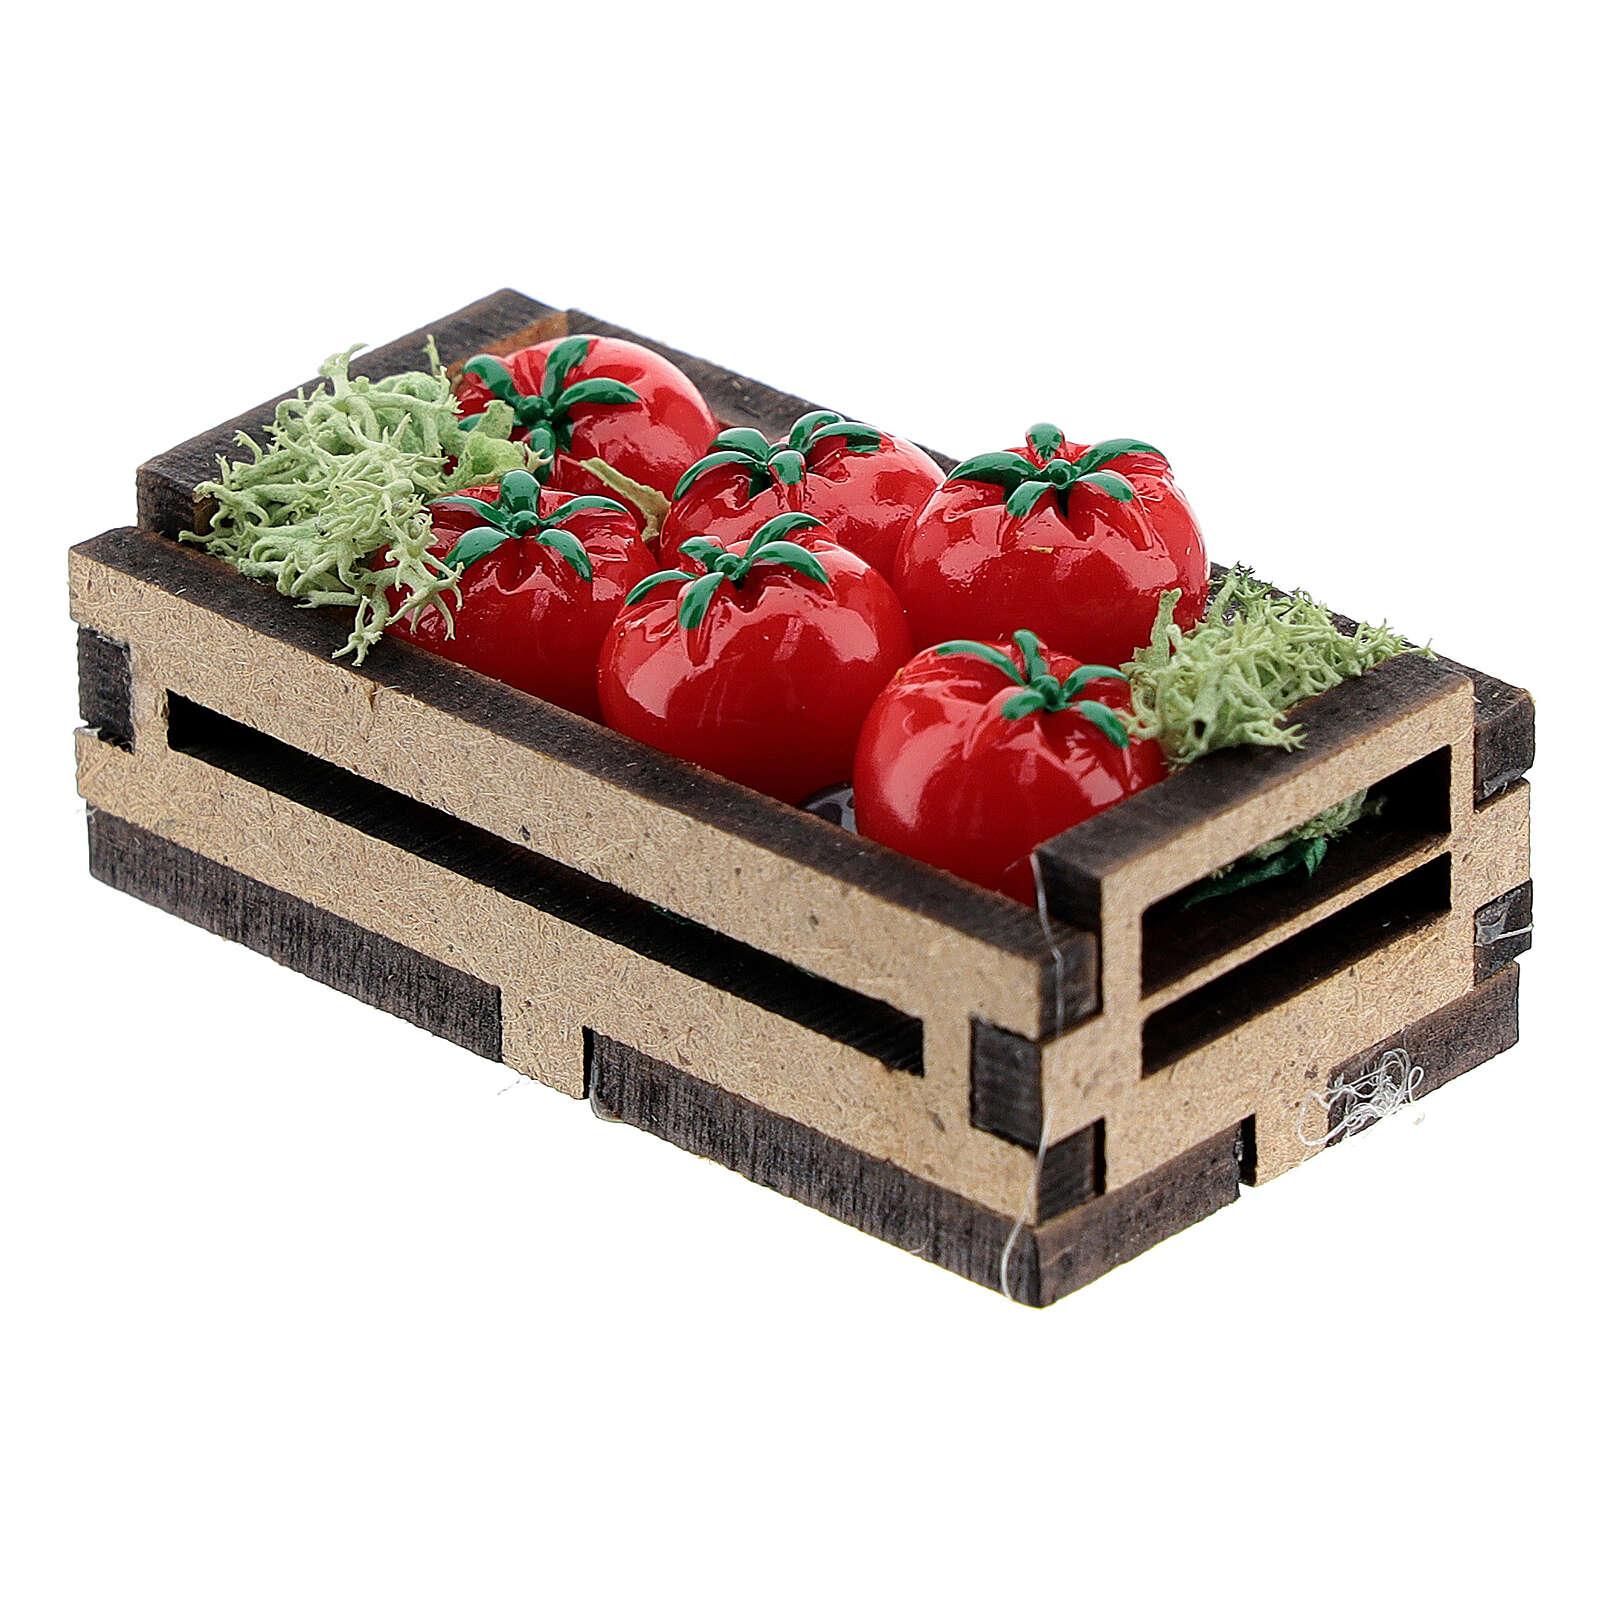 Cassetta legno con pomodori presepe 14-16 cm 4